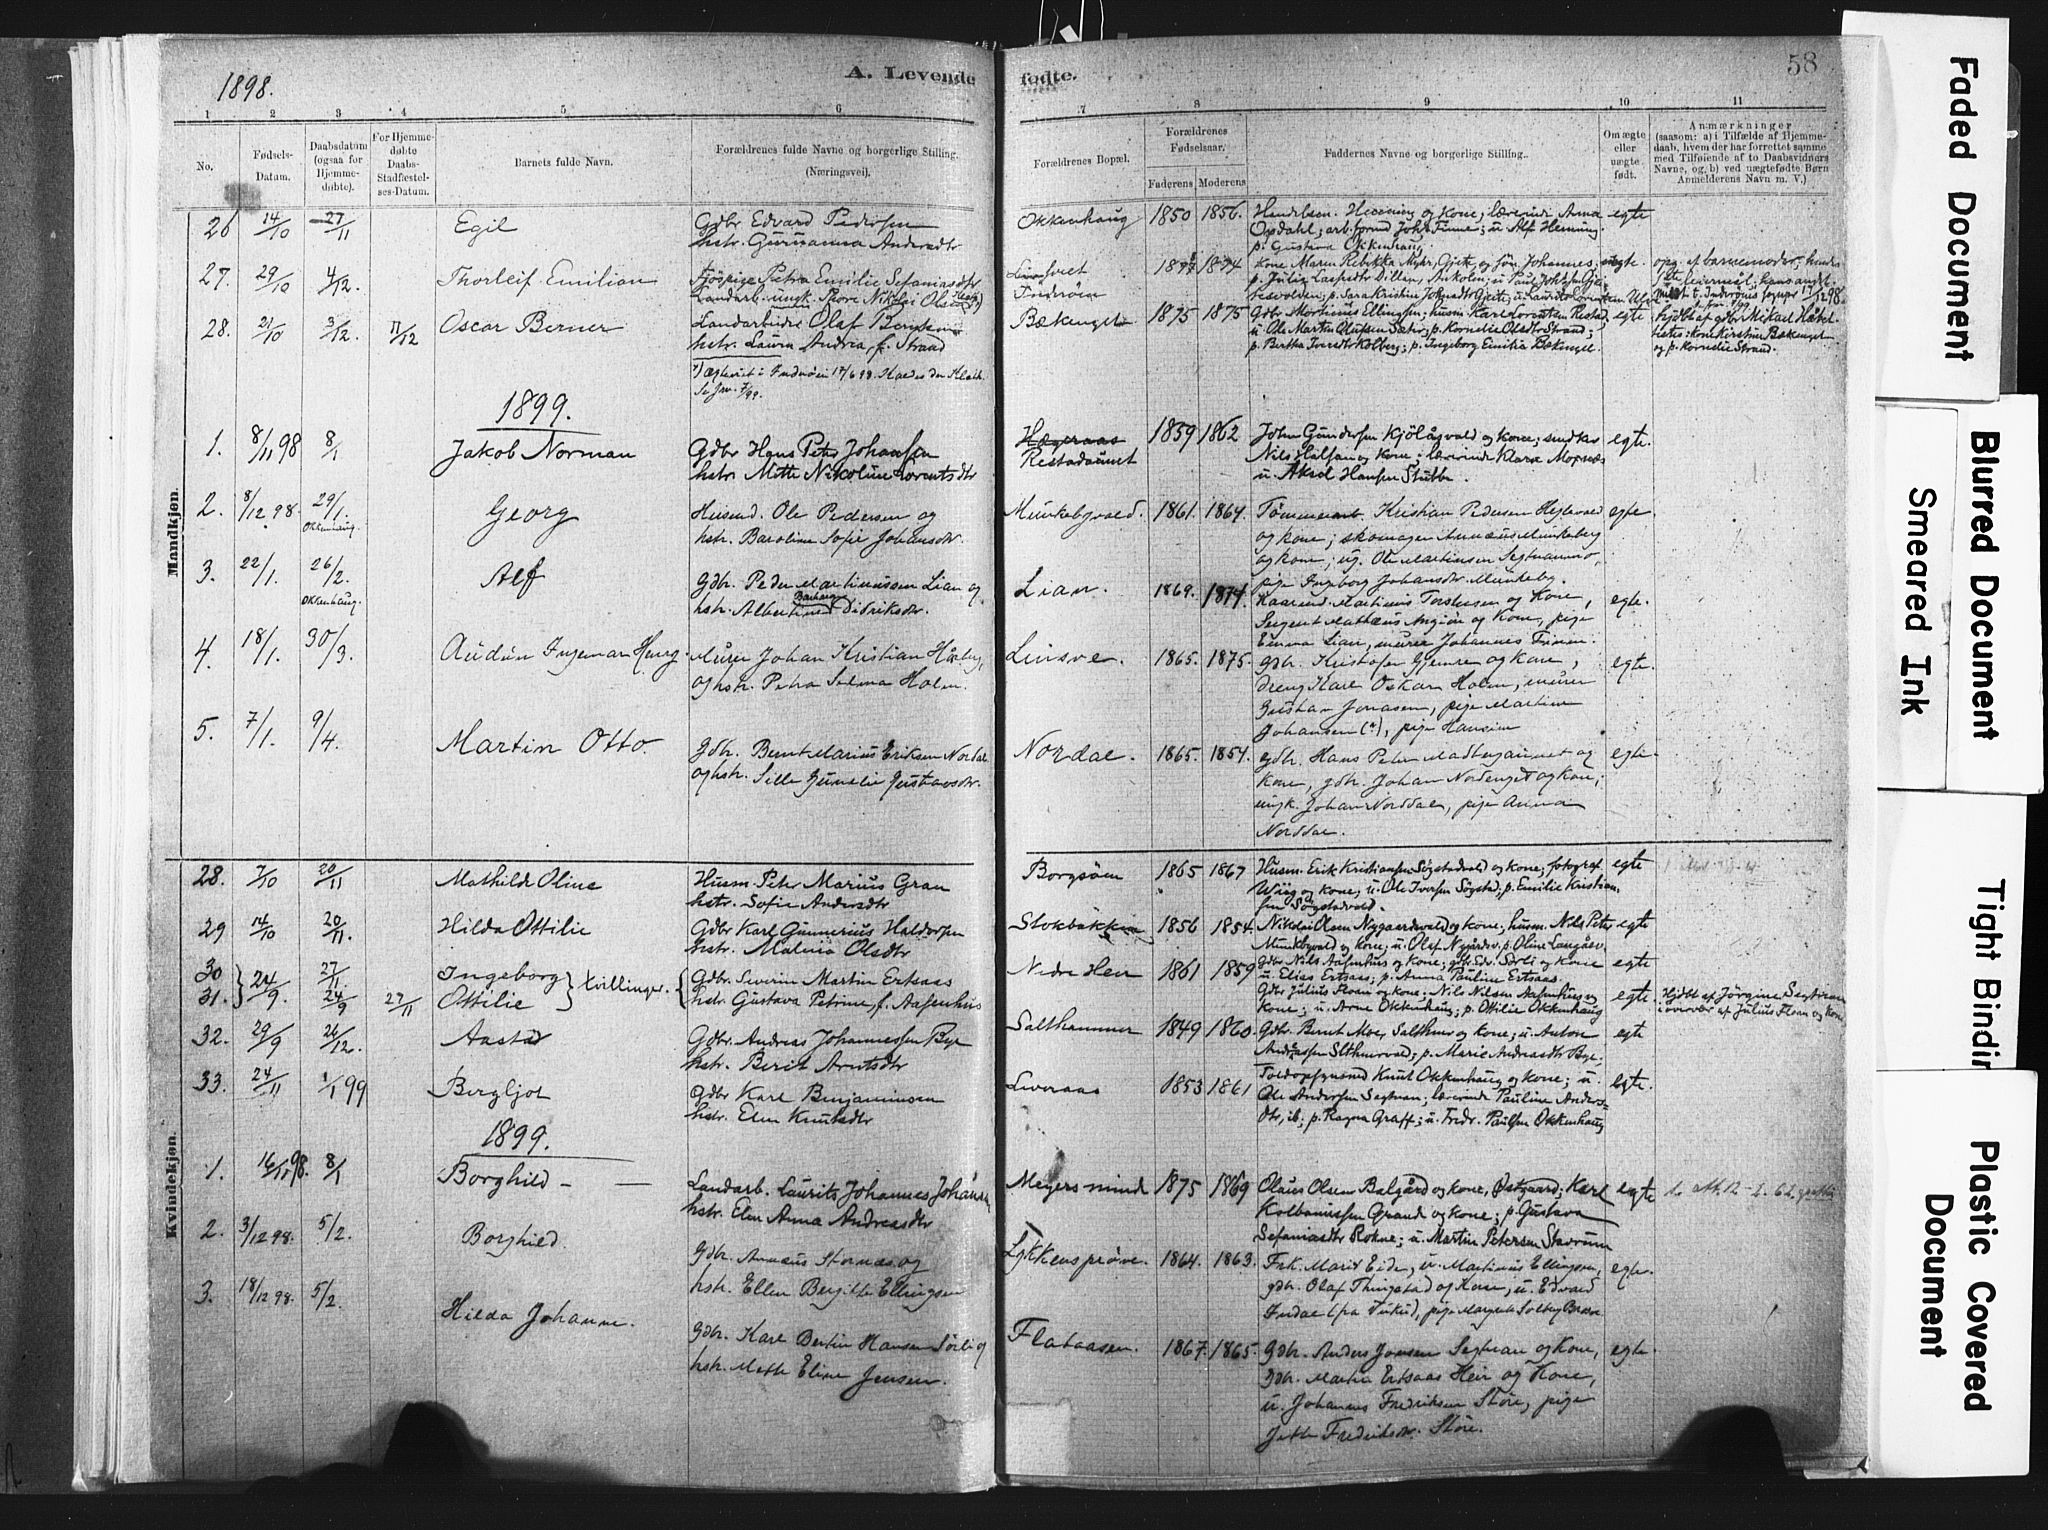 SAT, Ministerialprotokoller, klokkerbøker og fødselsregistre - Nord-Trøndelag, 721/L0207: Ministerialbok nr. 721A02, 1880-1911, s. 58